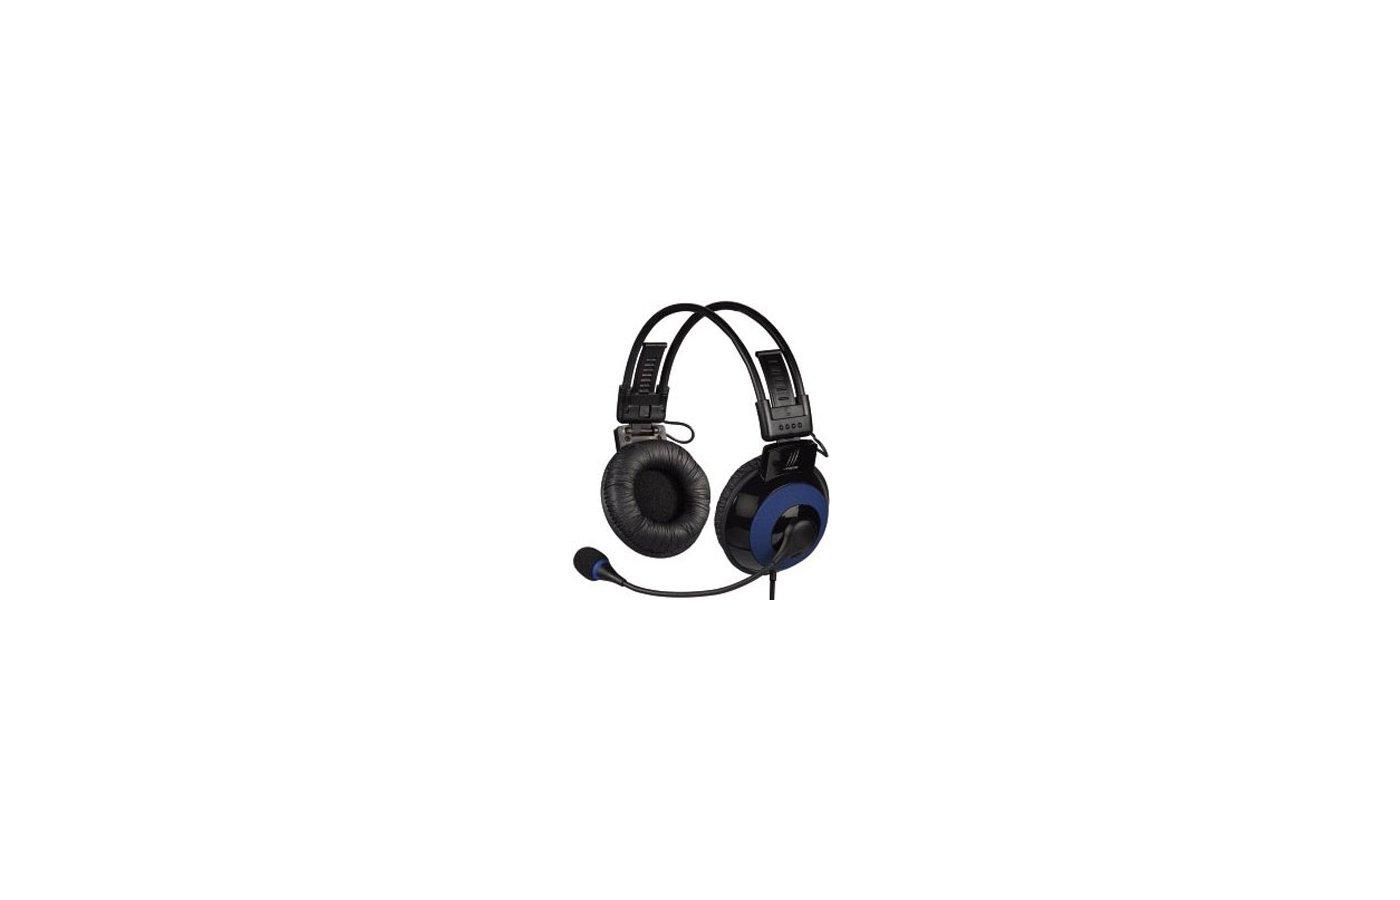 Наушники с микрофоном проводные Hama uRage Vibra черный/синий (2.5м) накладные (оголовье)